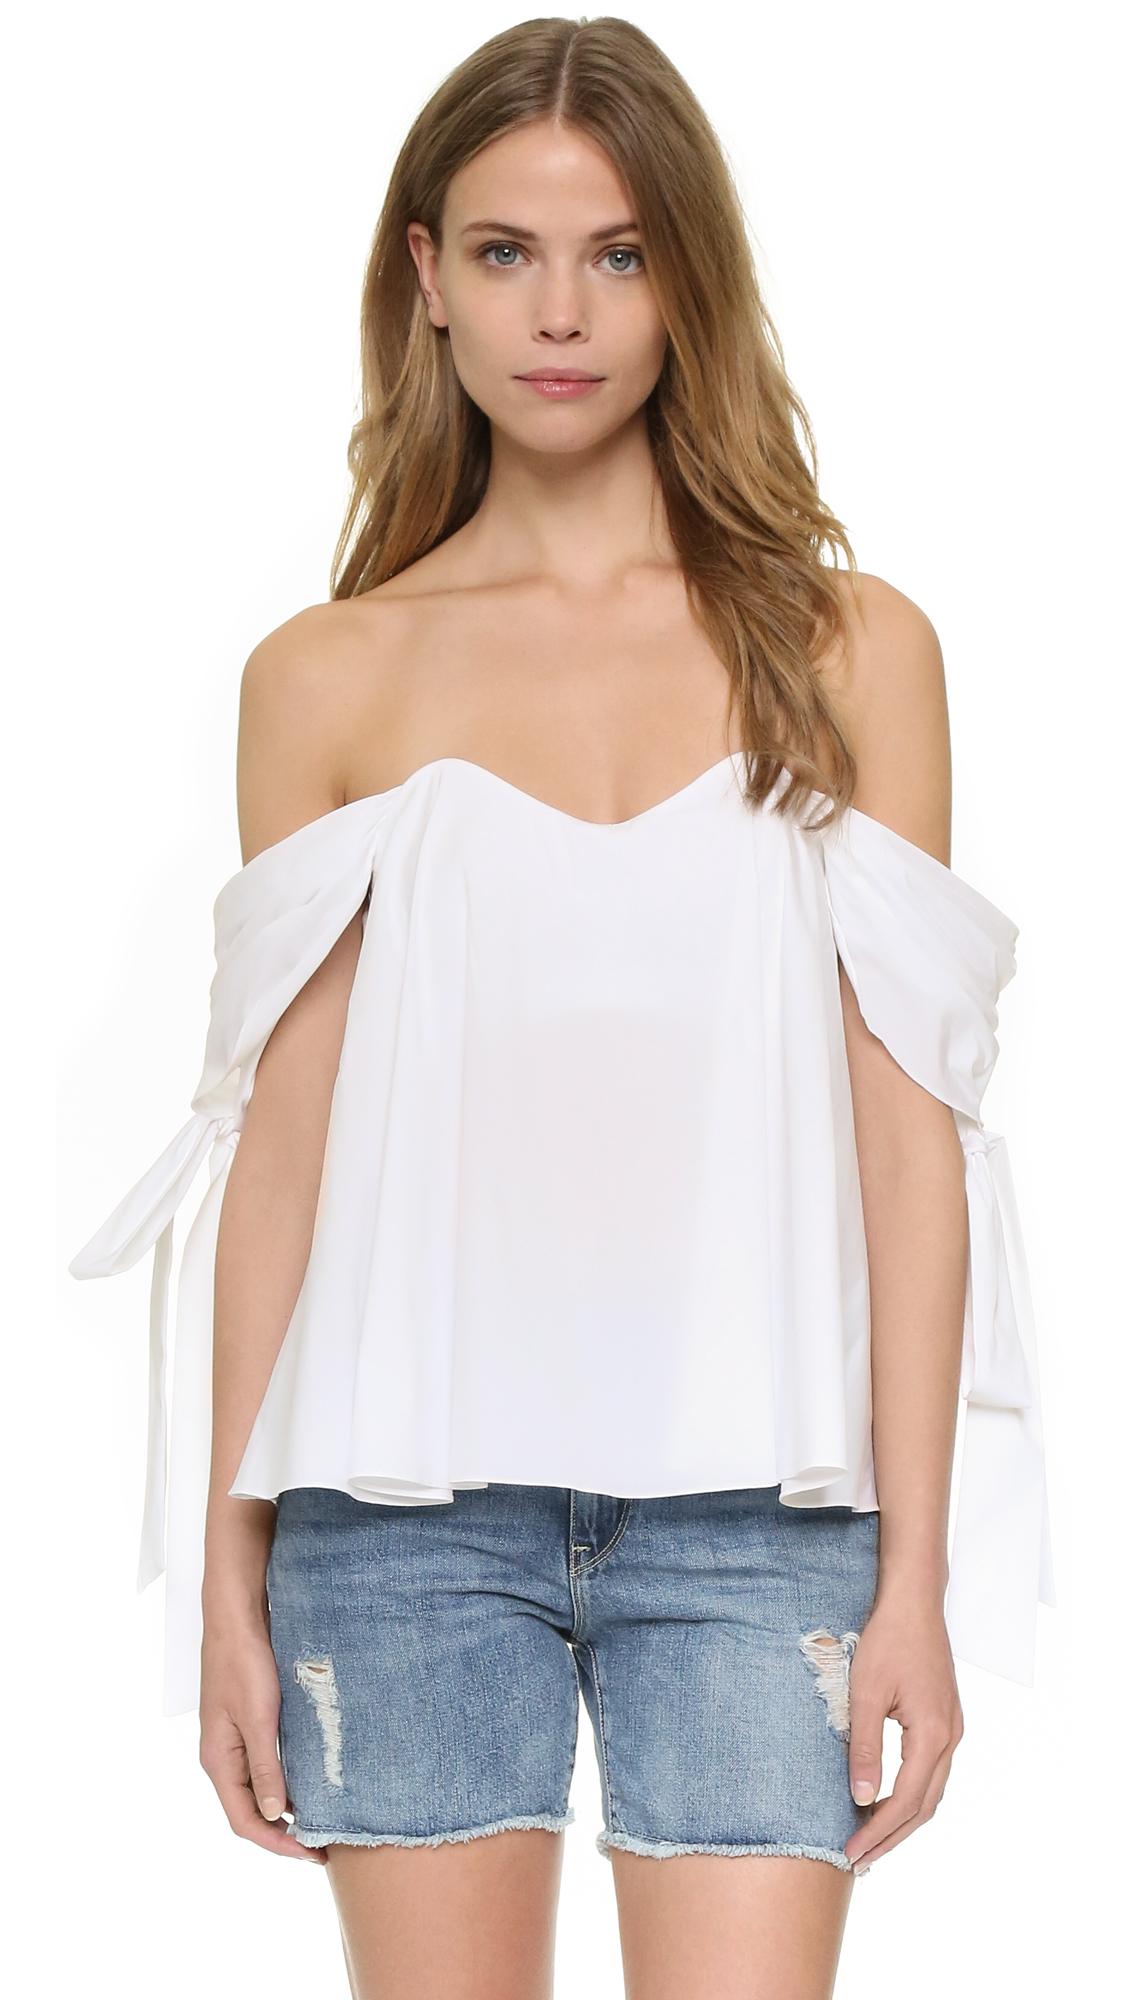 Caroline Constas Zoe Off Shoulder Bustier Top - White